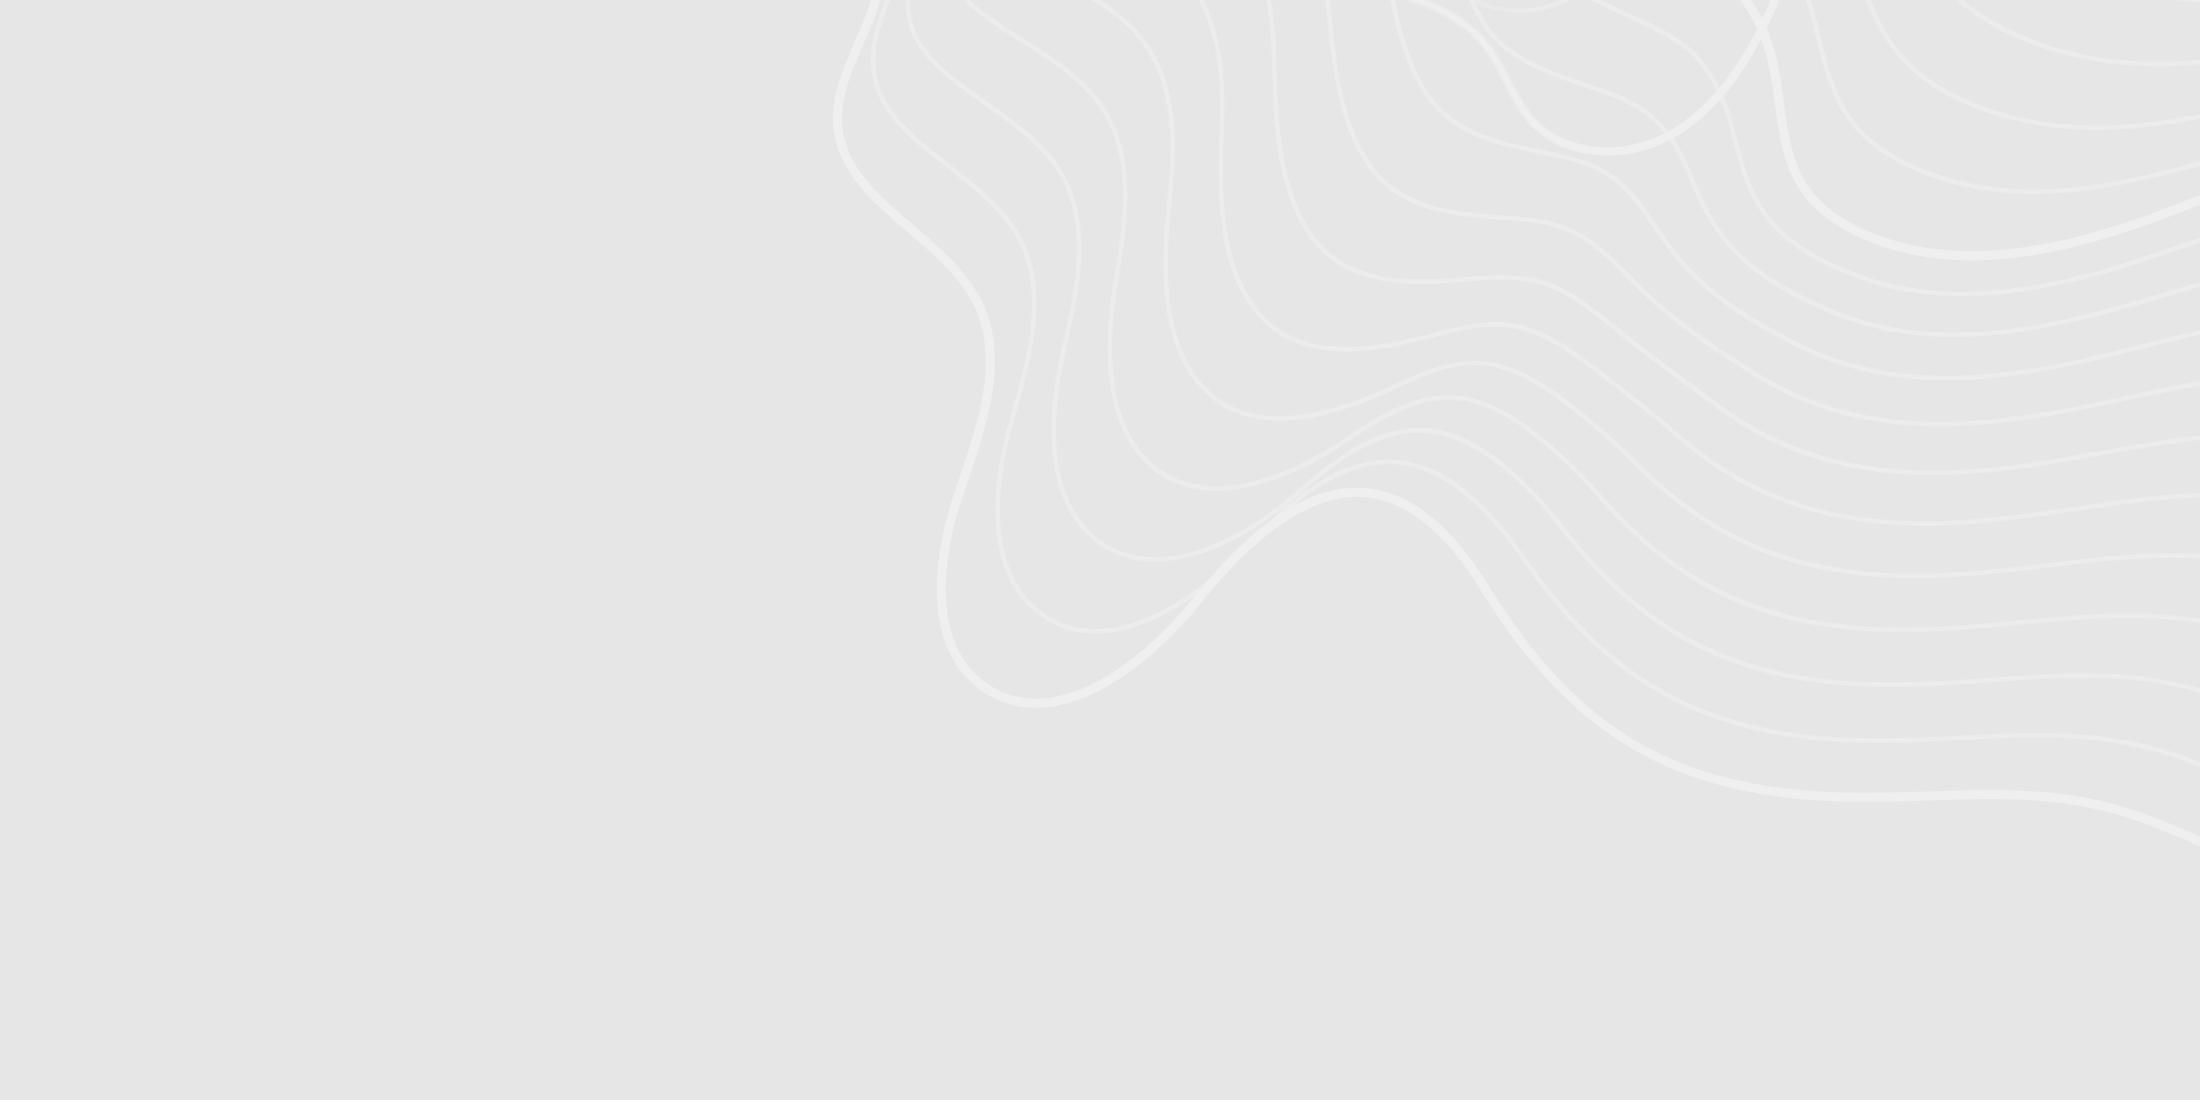 Hero_Survey-Covid19_Webinar-BG